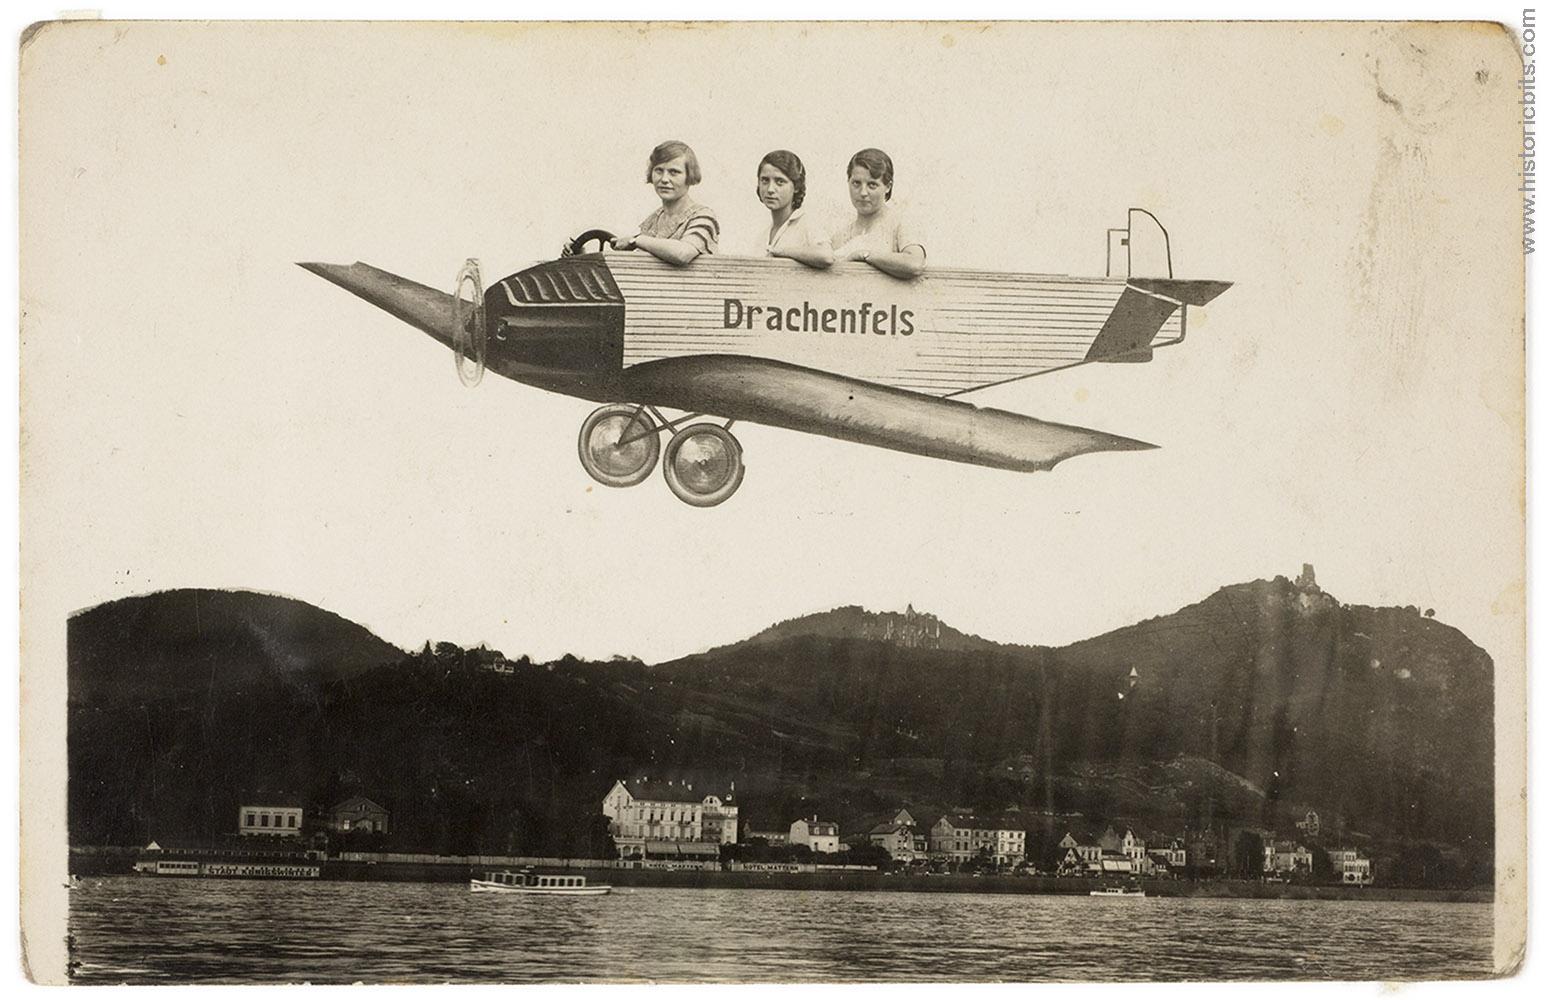 0031-2-drachenfels-pk copy